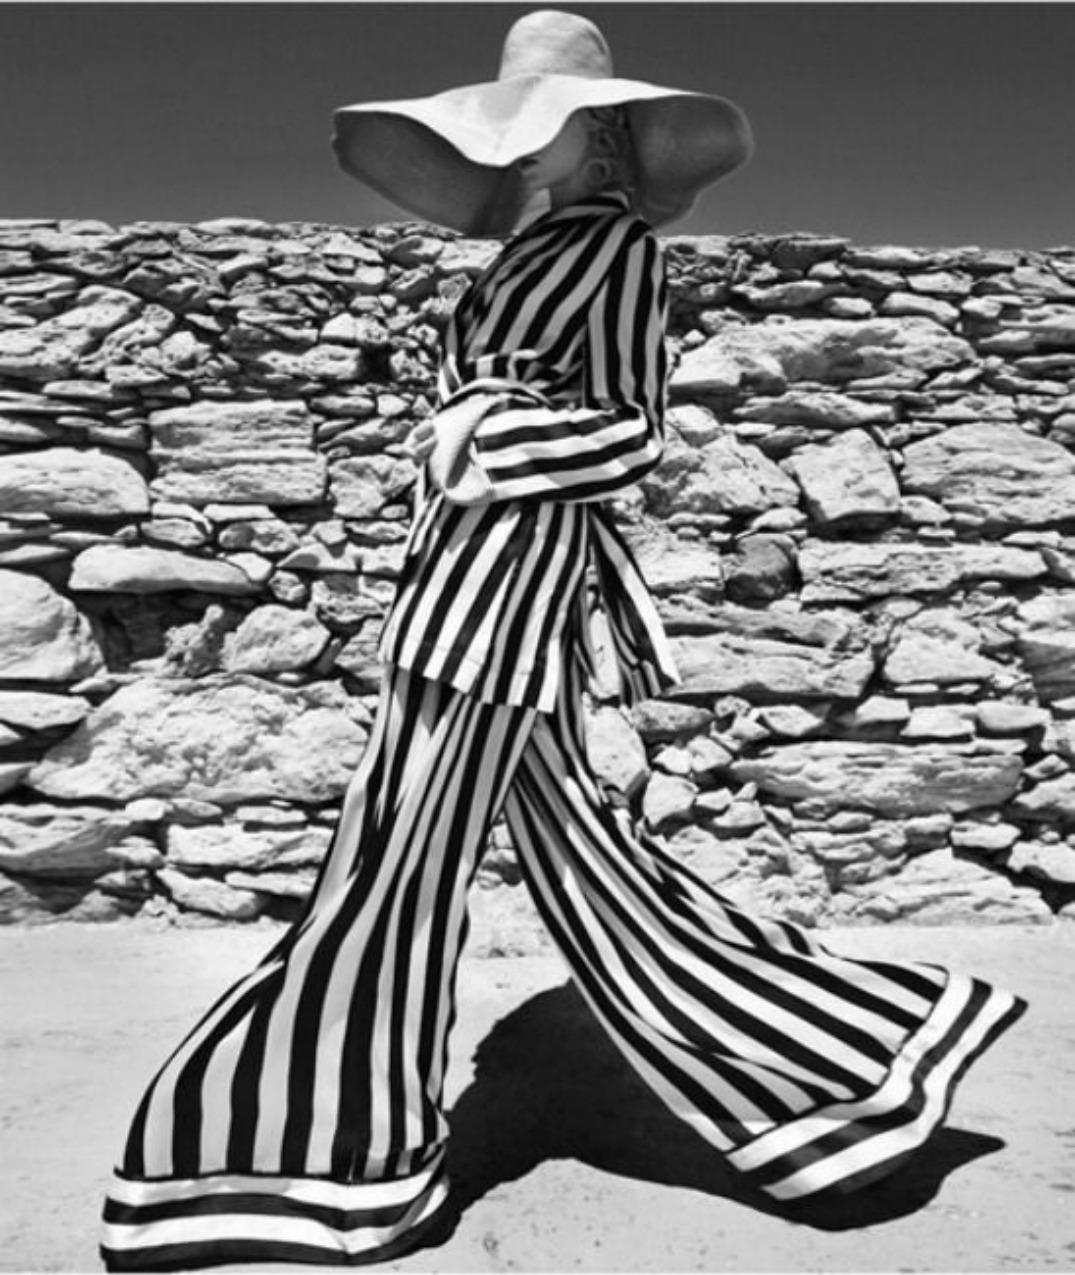 Accademia della moda: storie di moda, sogni e passioni, alessia milanese, thechilicool, fashion blog, fashion blogger